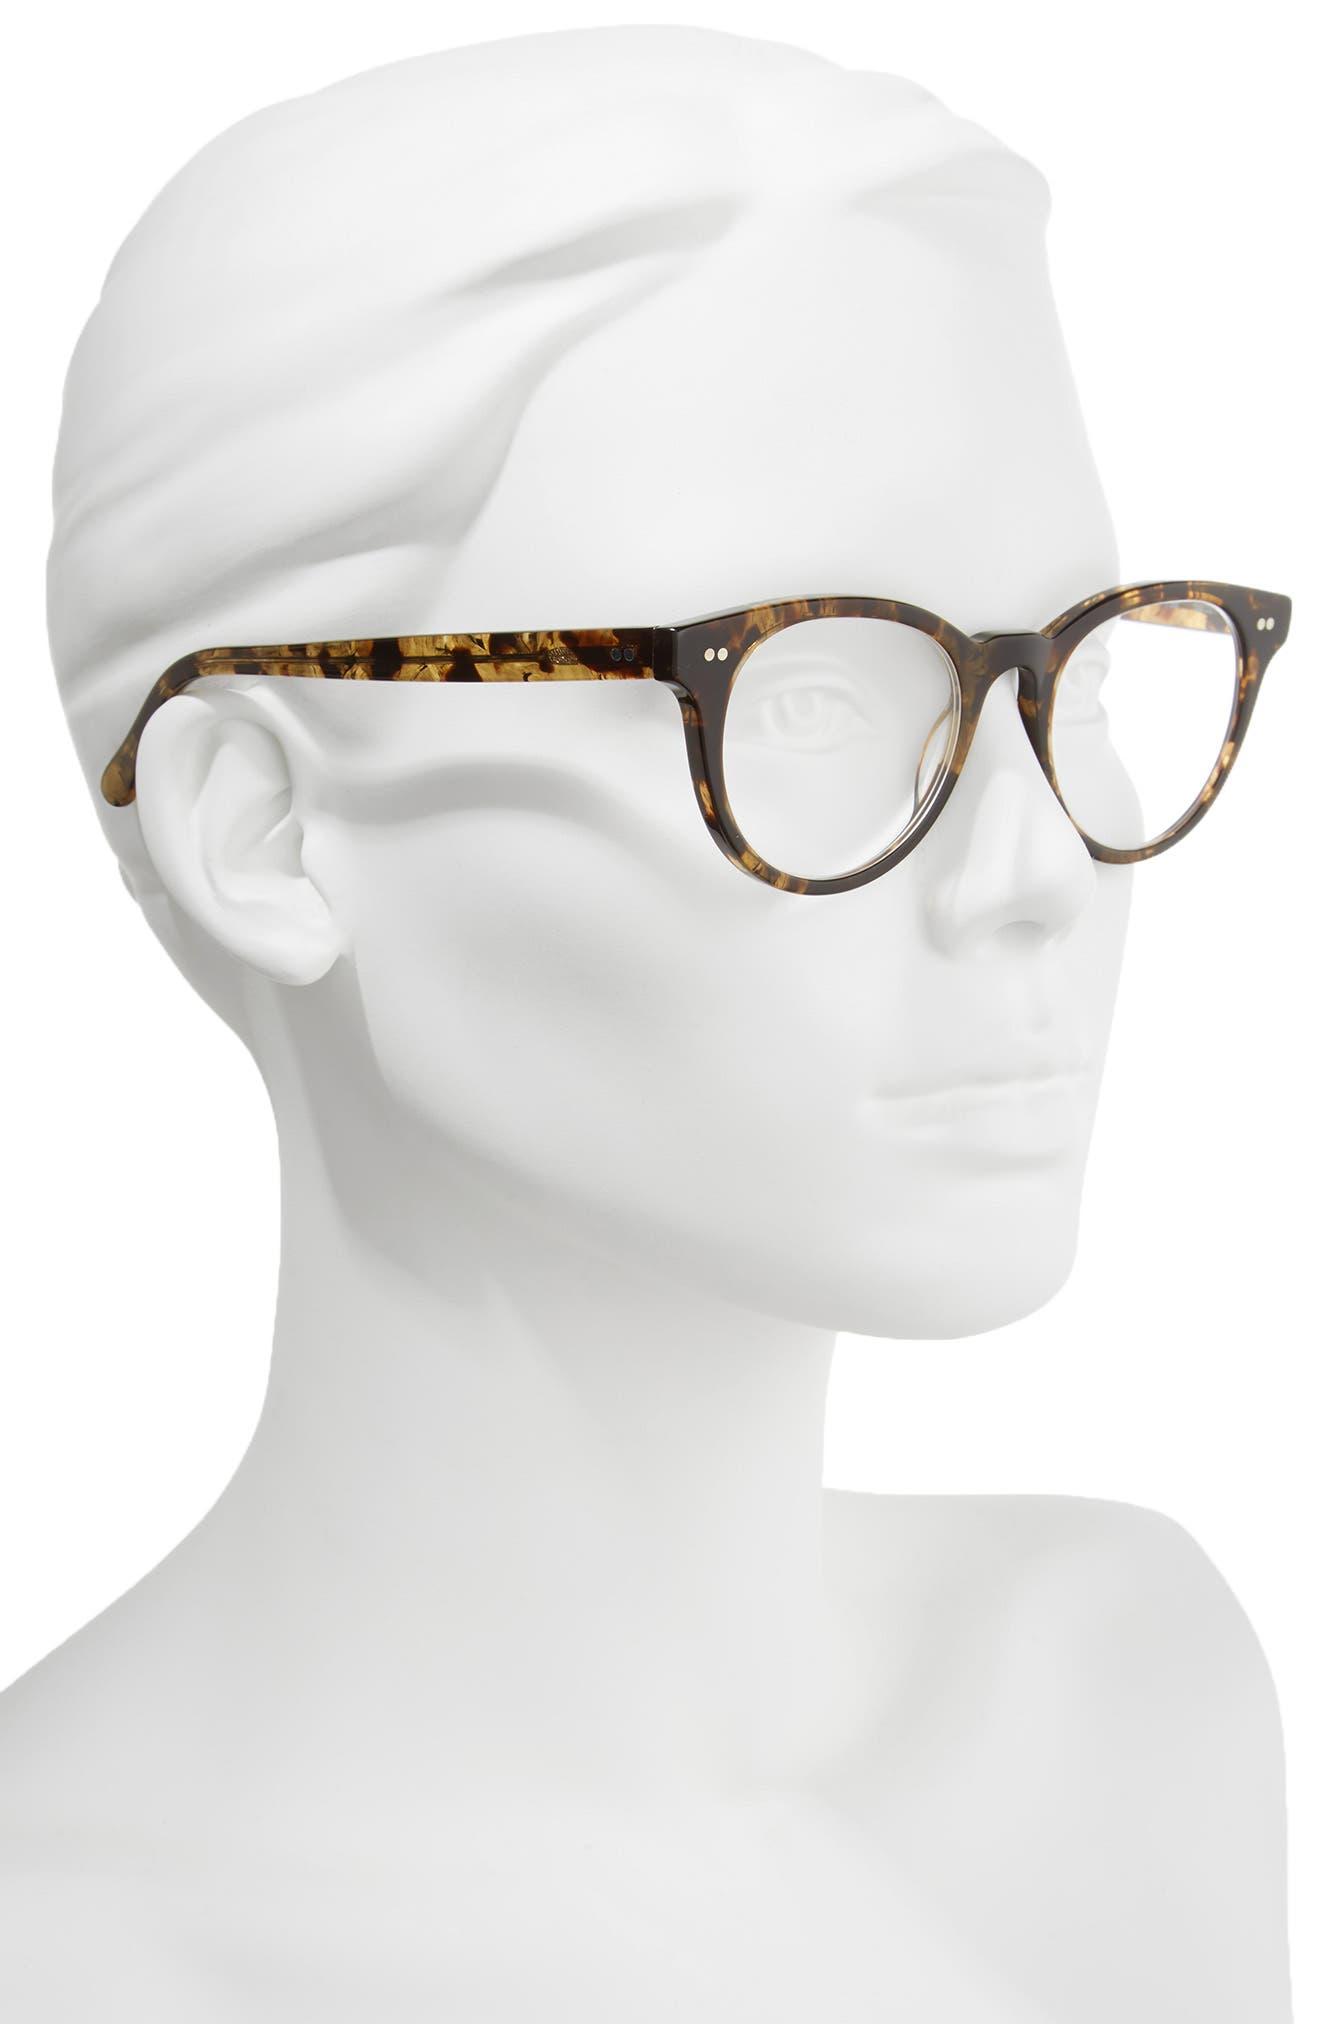 Abby 50mm Reading Glasses,                             Alternate thumbnail 2, color,                             DARK TORTOISE